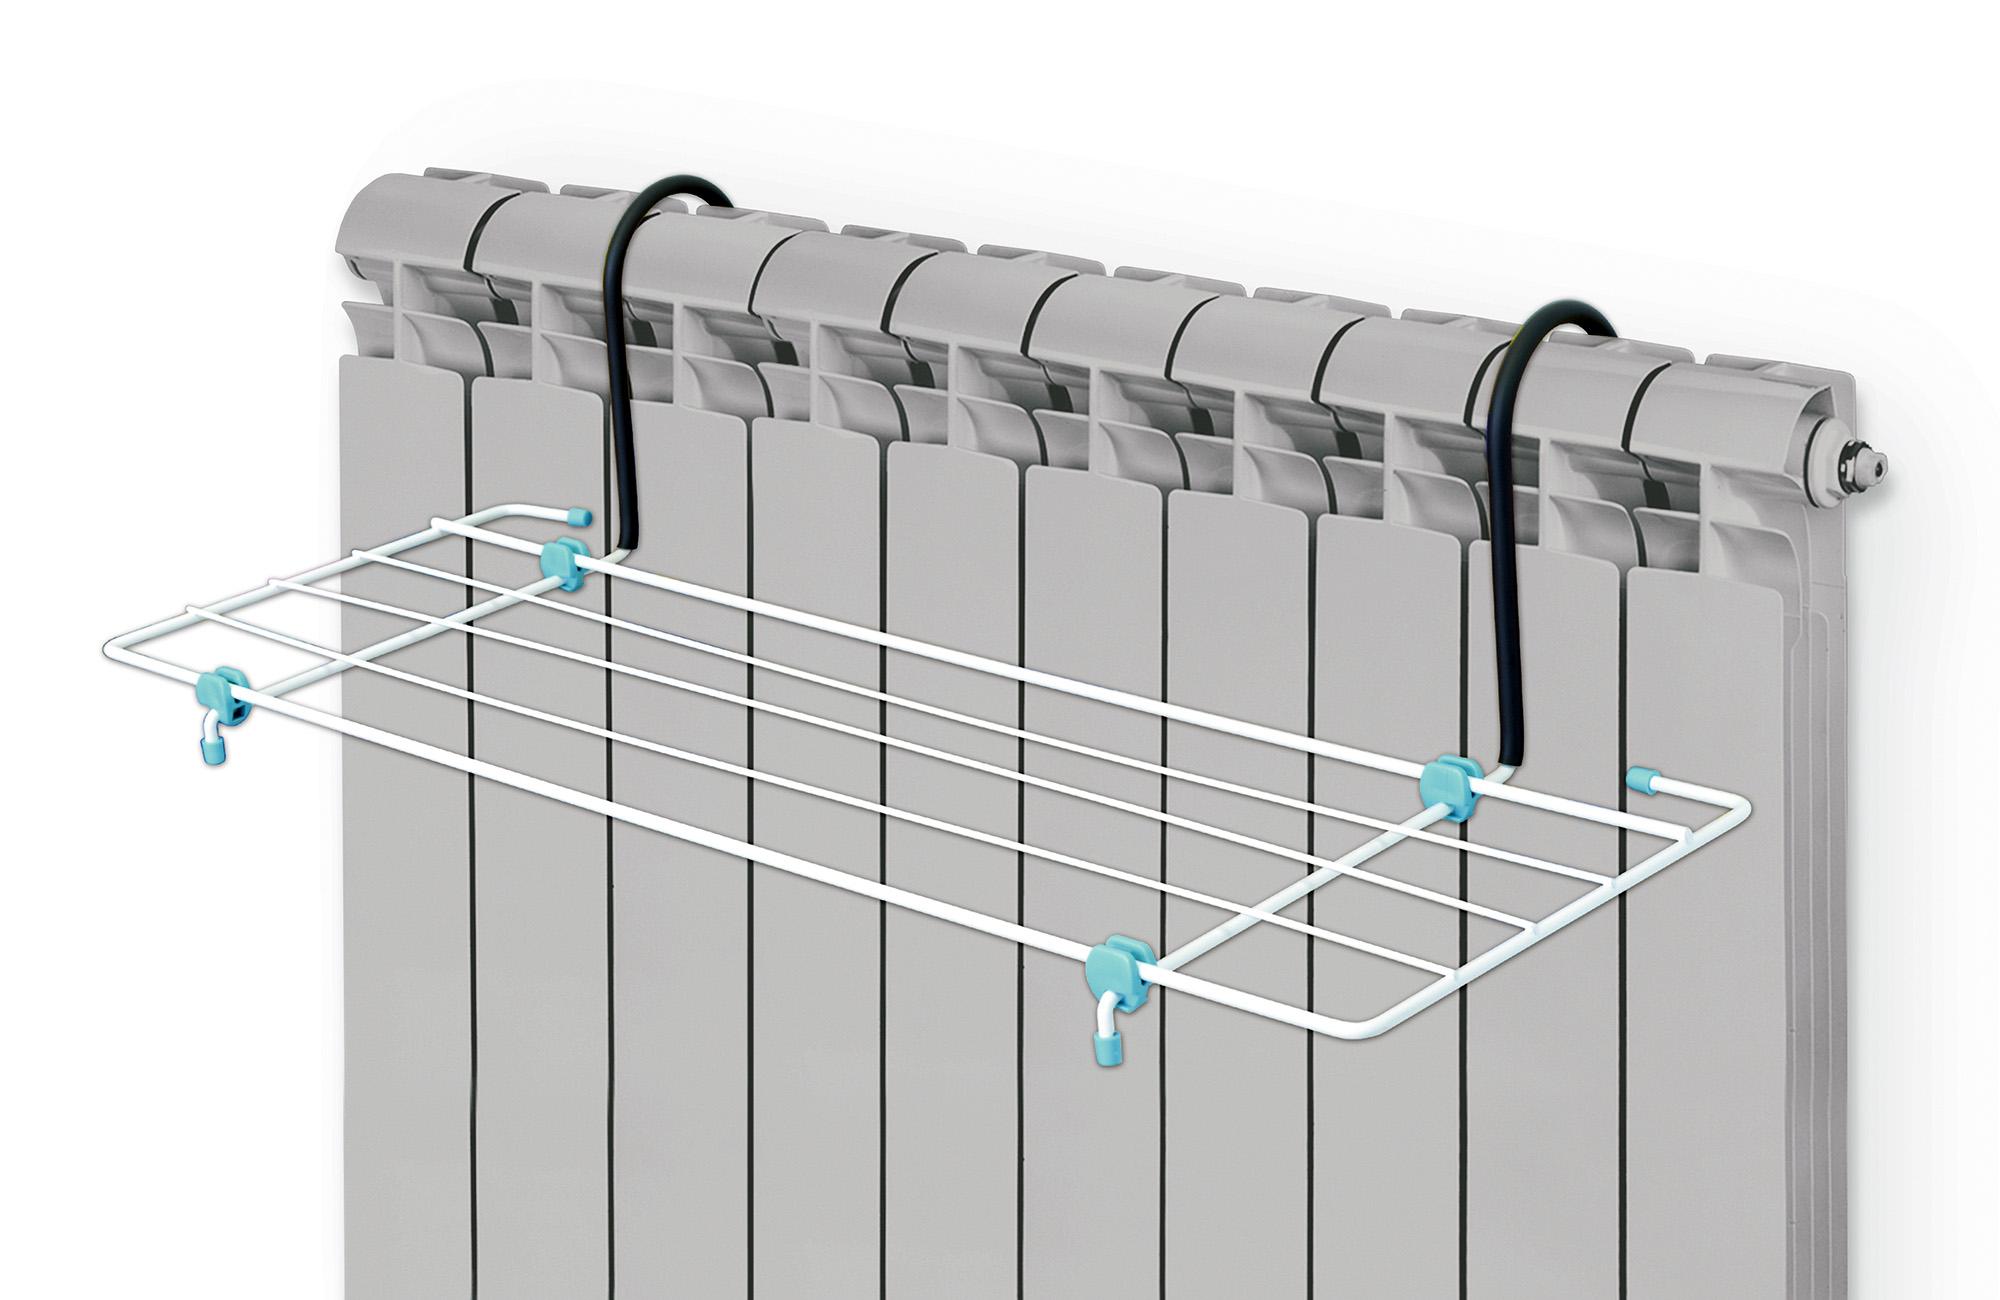 Сушилка для белья Nika на батарею, 3 мGC013/00Материалы: металлический каркас, пластмассовые наконечники.